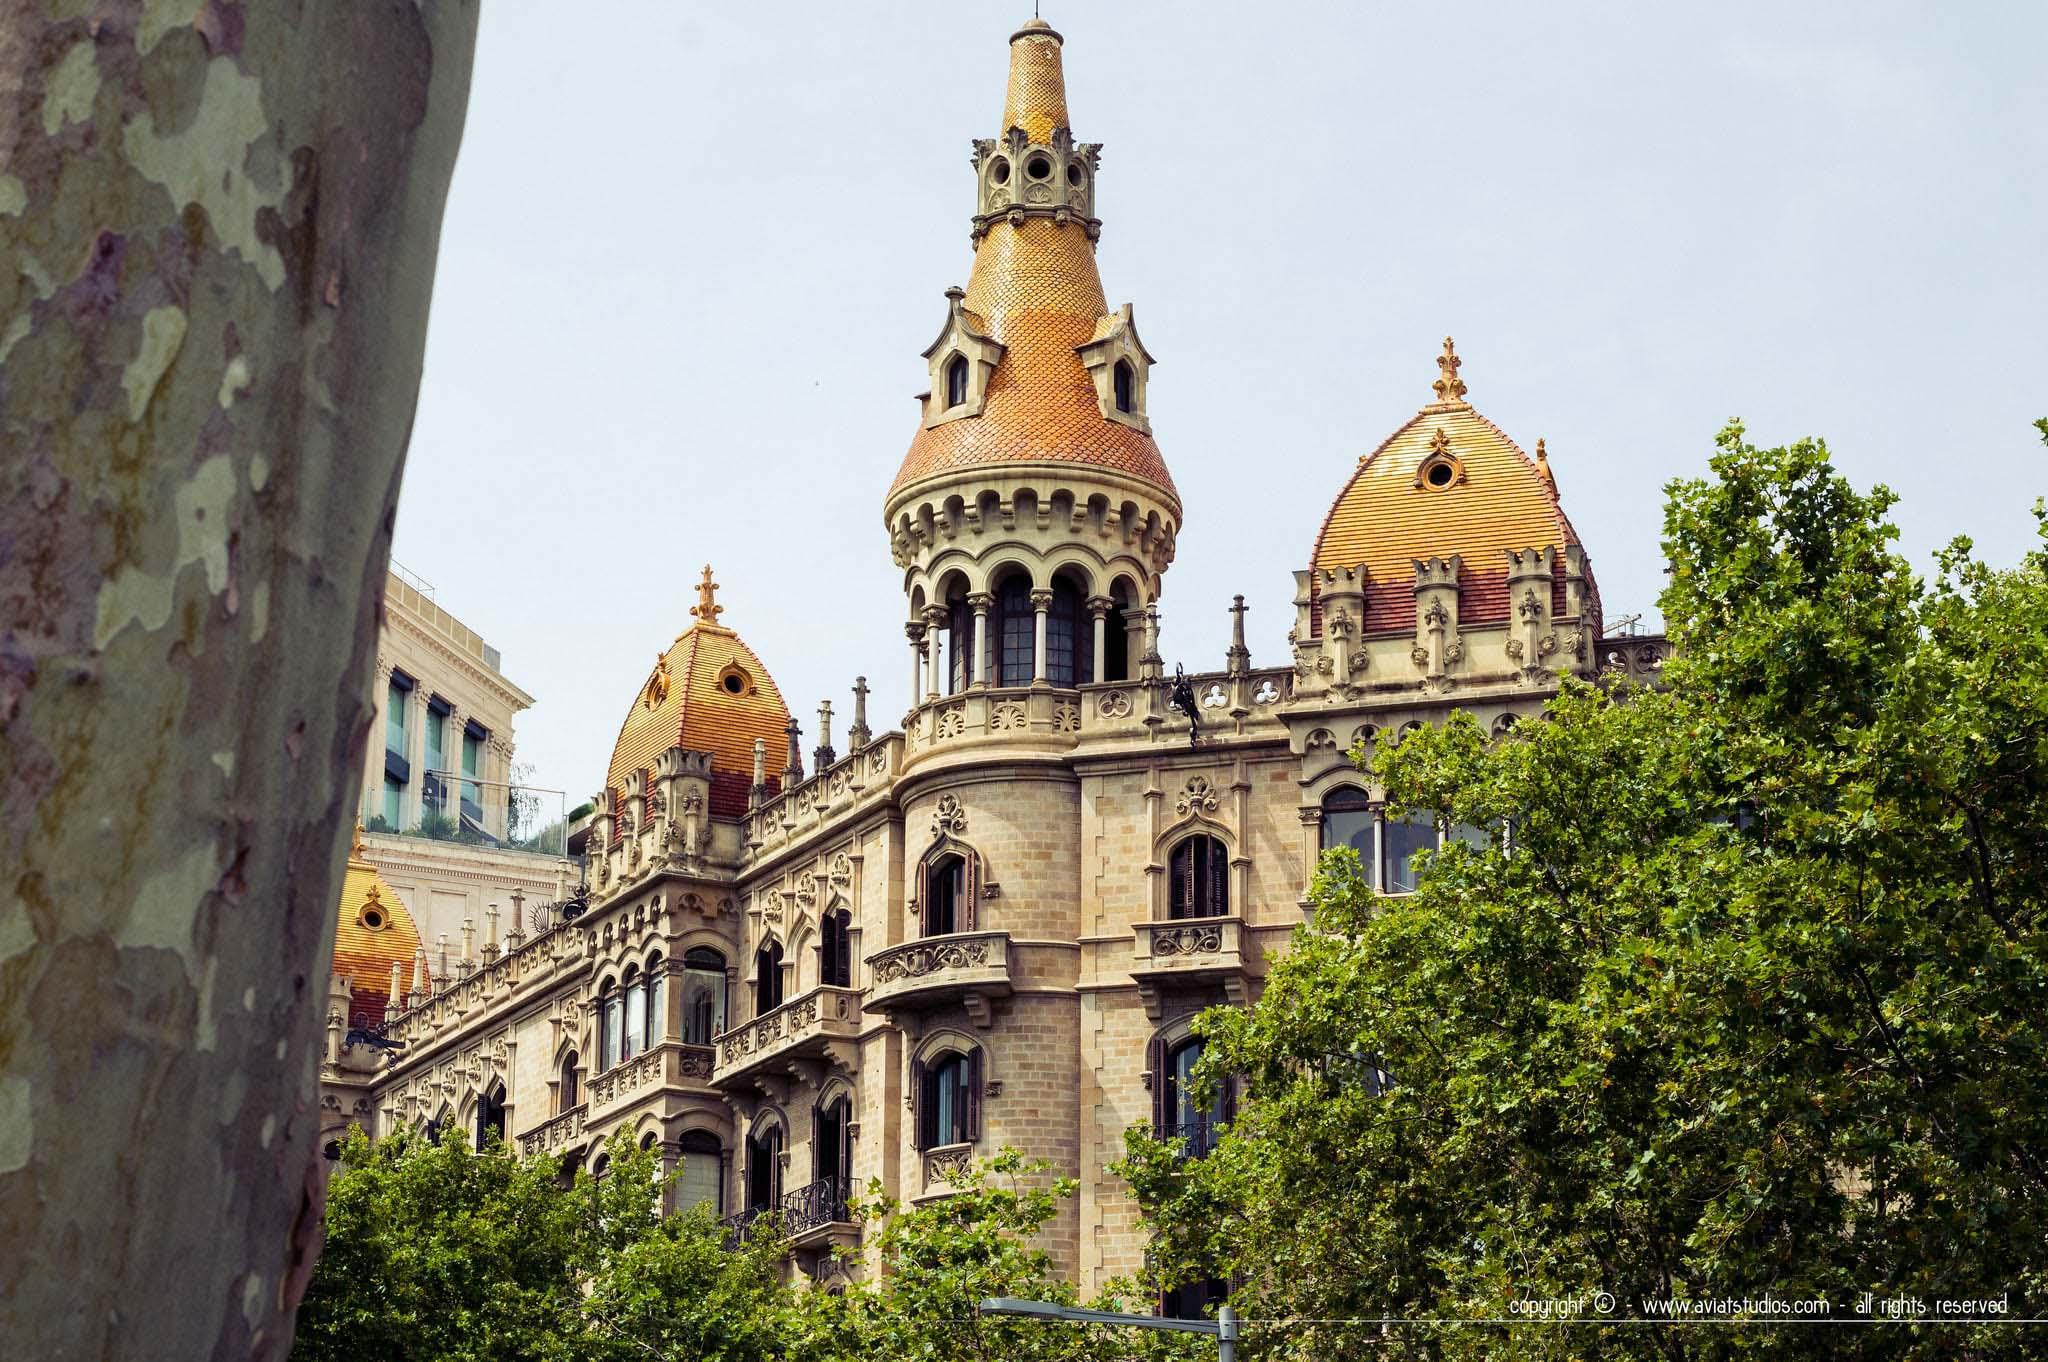 Façade typique de l'architecture de Barcelone sur Passeig de Gràcia.